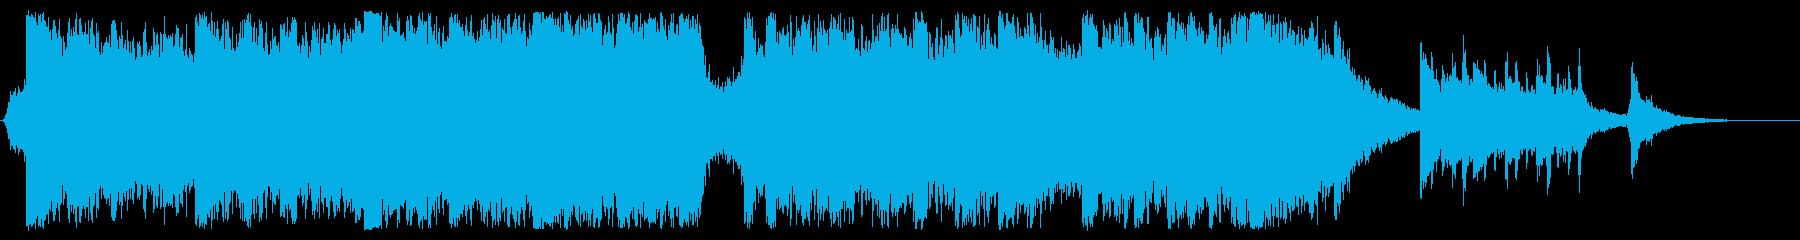 結婚式や表彰式に 感動オーケストラ60秒の再生済みの波形